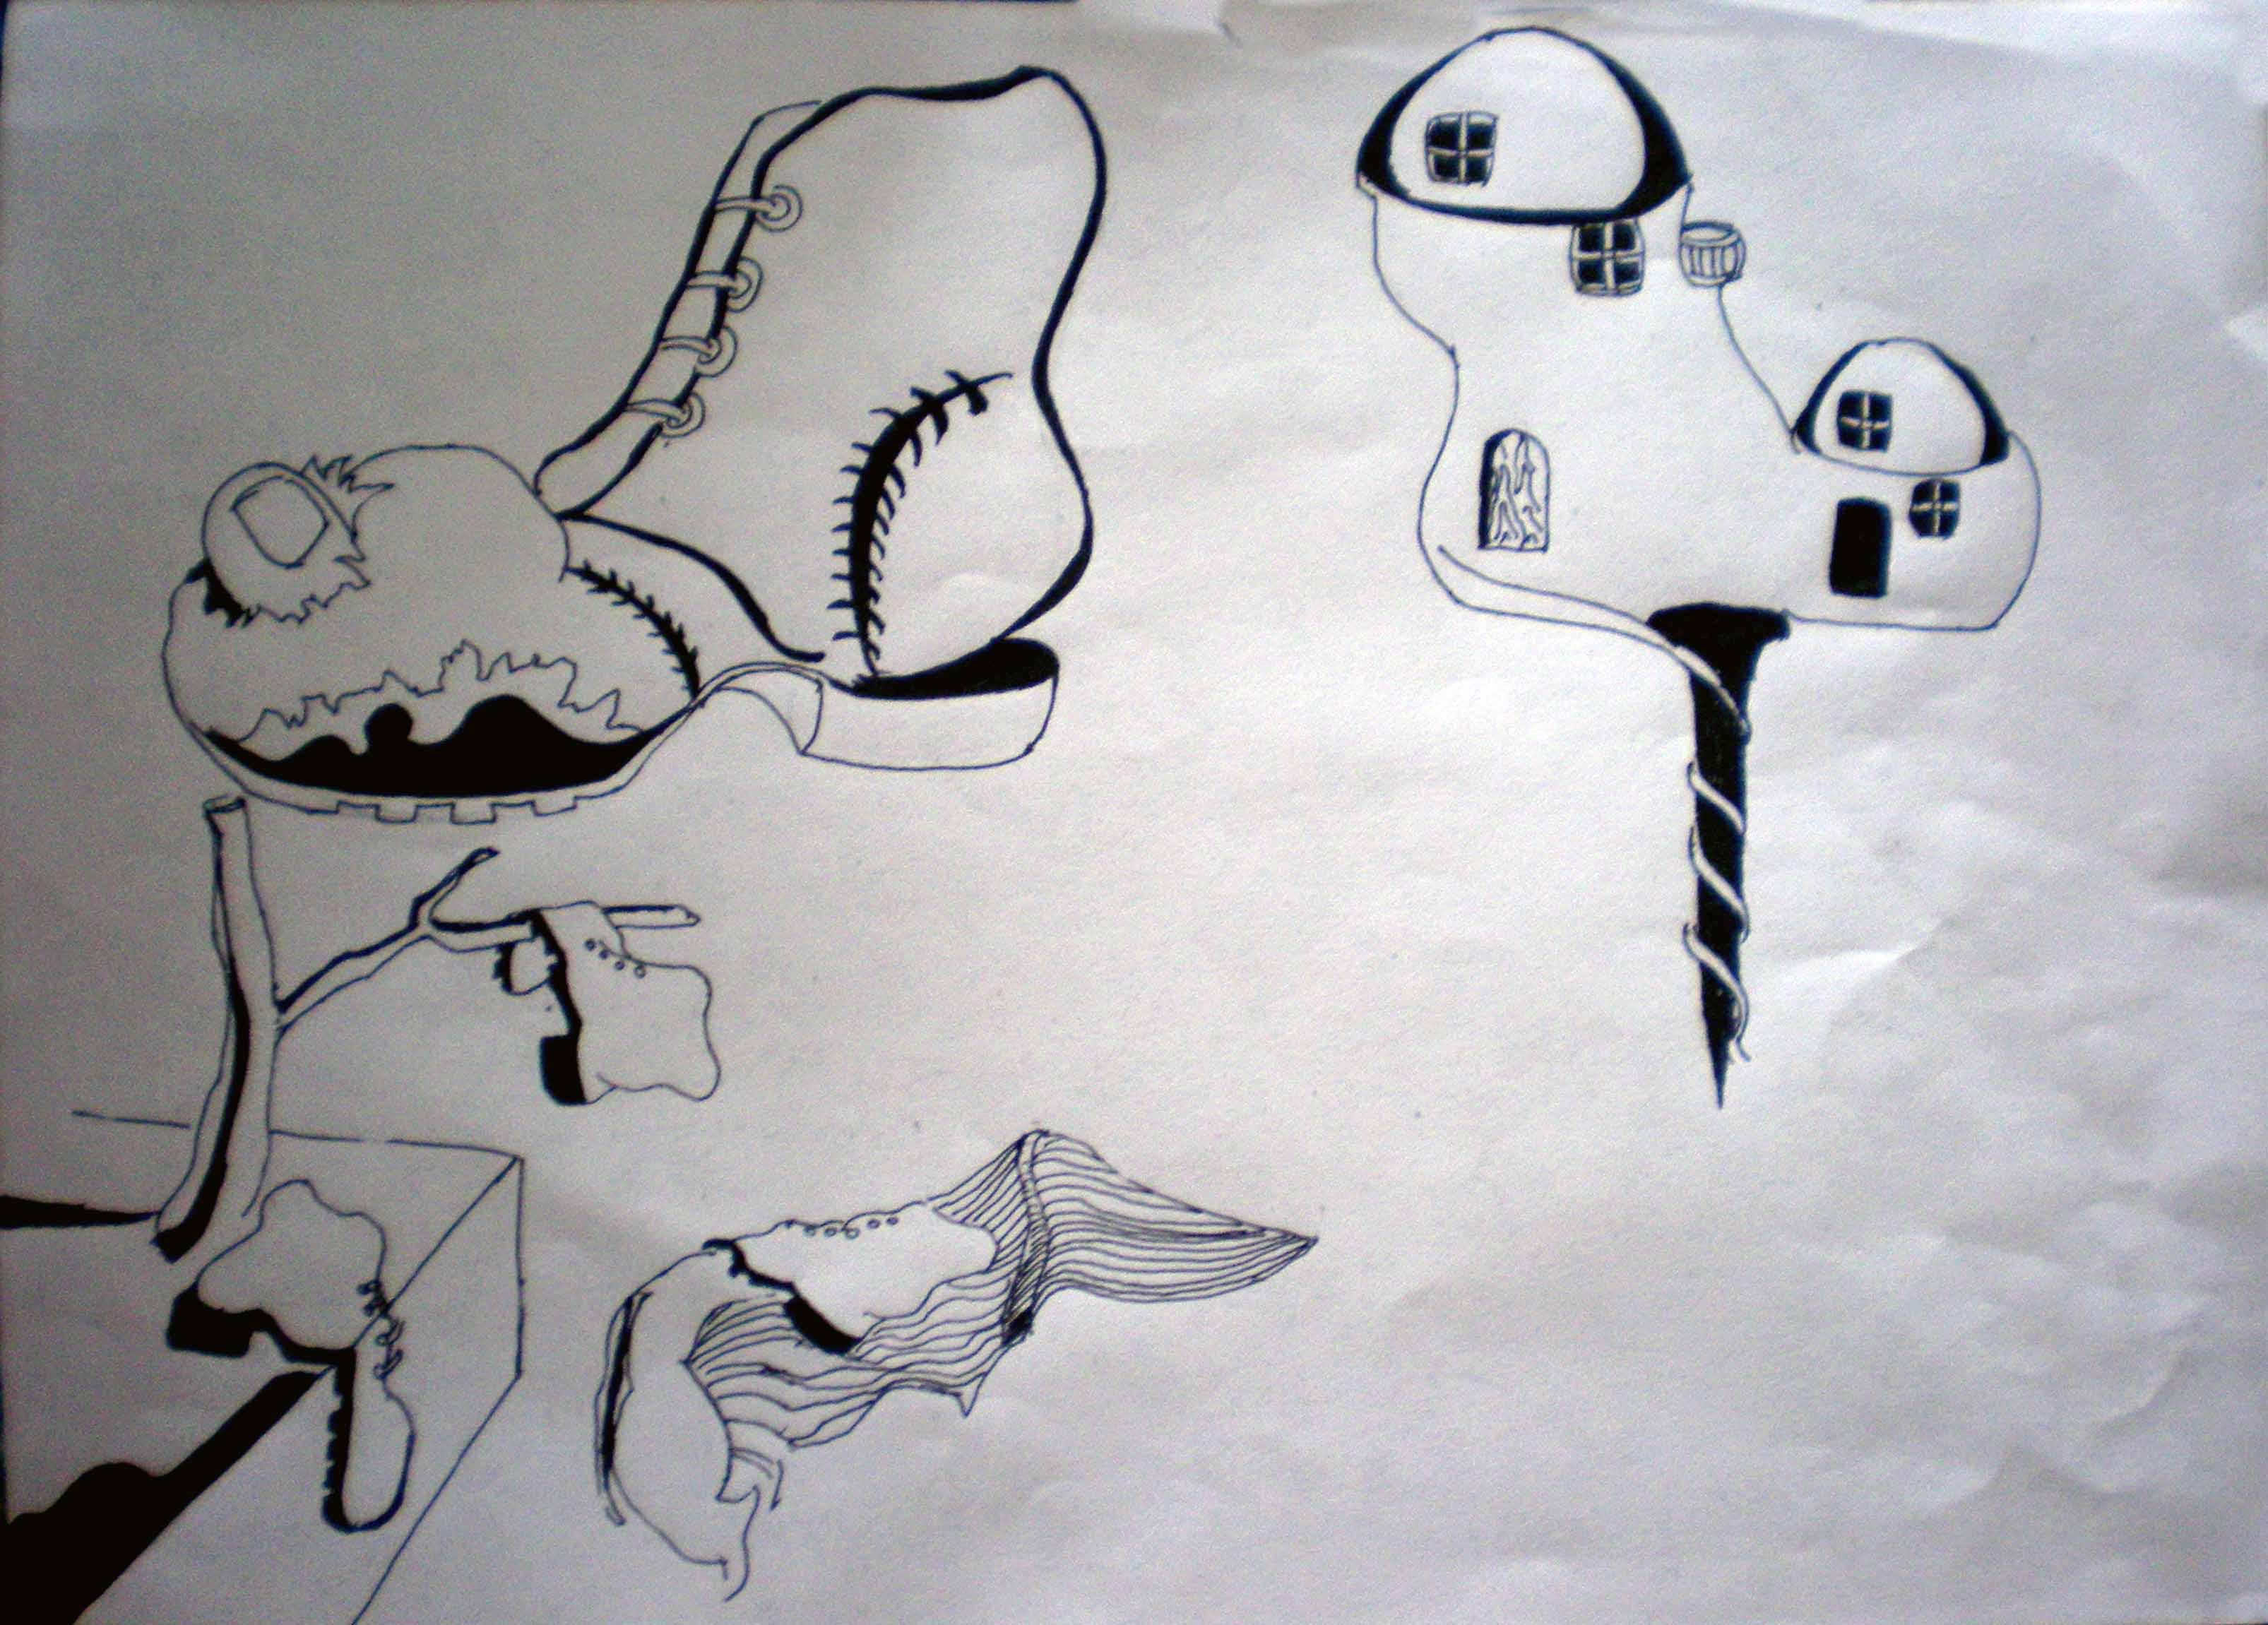 图形创意图片